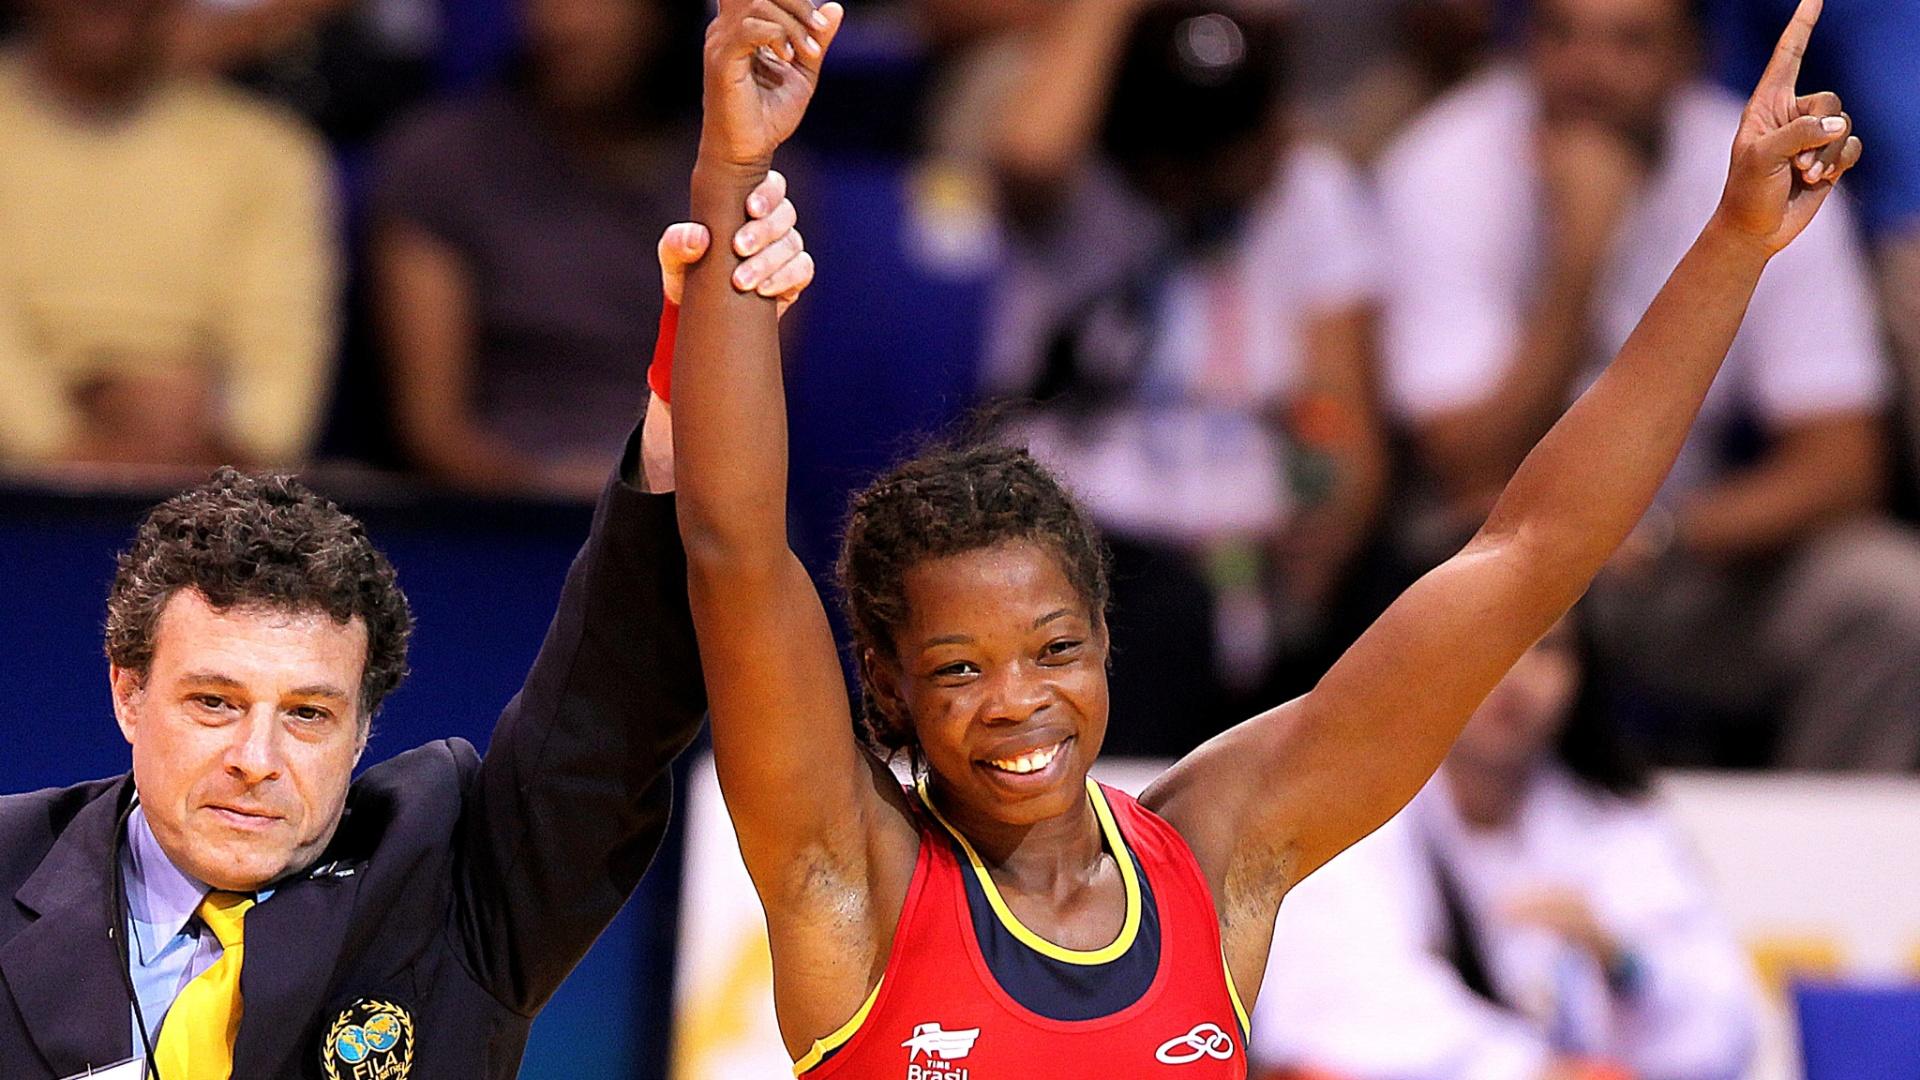 Joice Silva conquistou na repescagem a medalha de bronze na categoria até 55 kg na luta (22/10/2011)